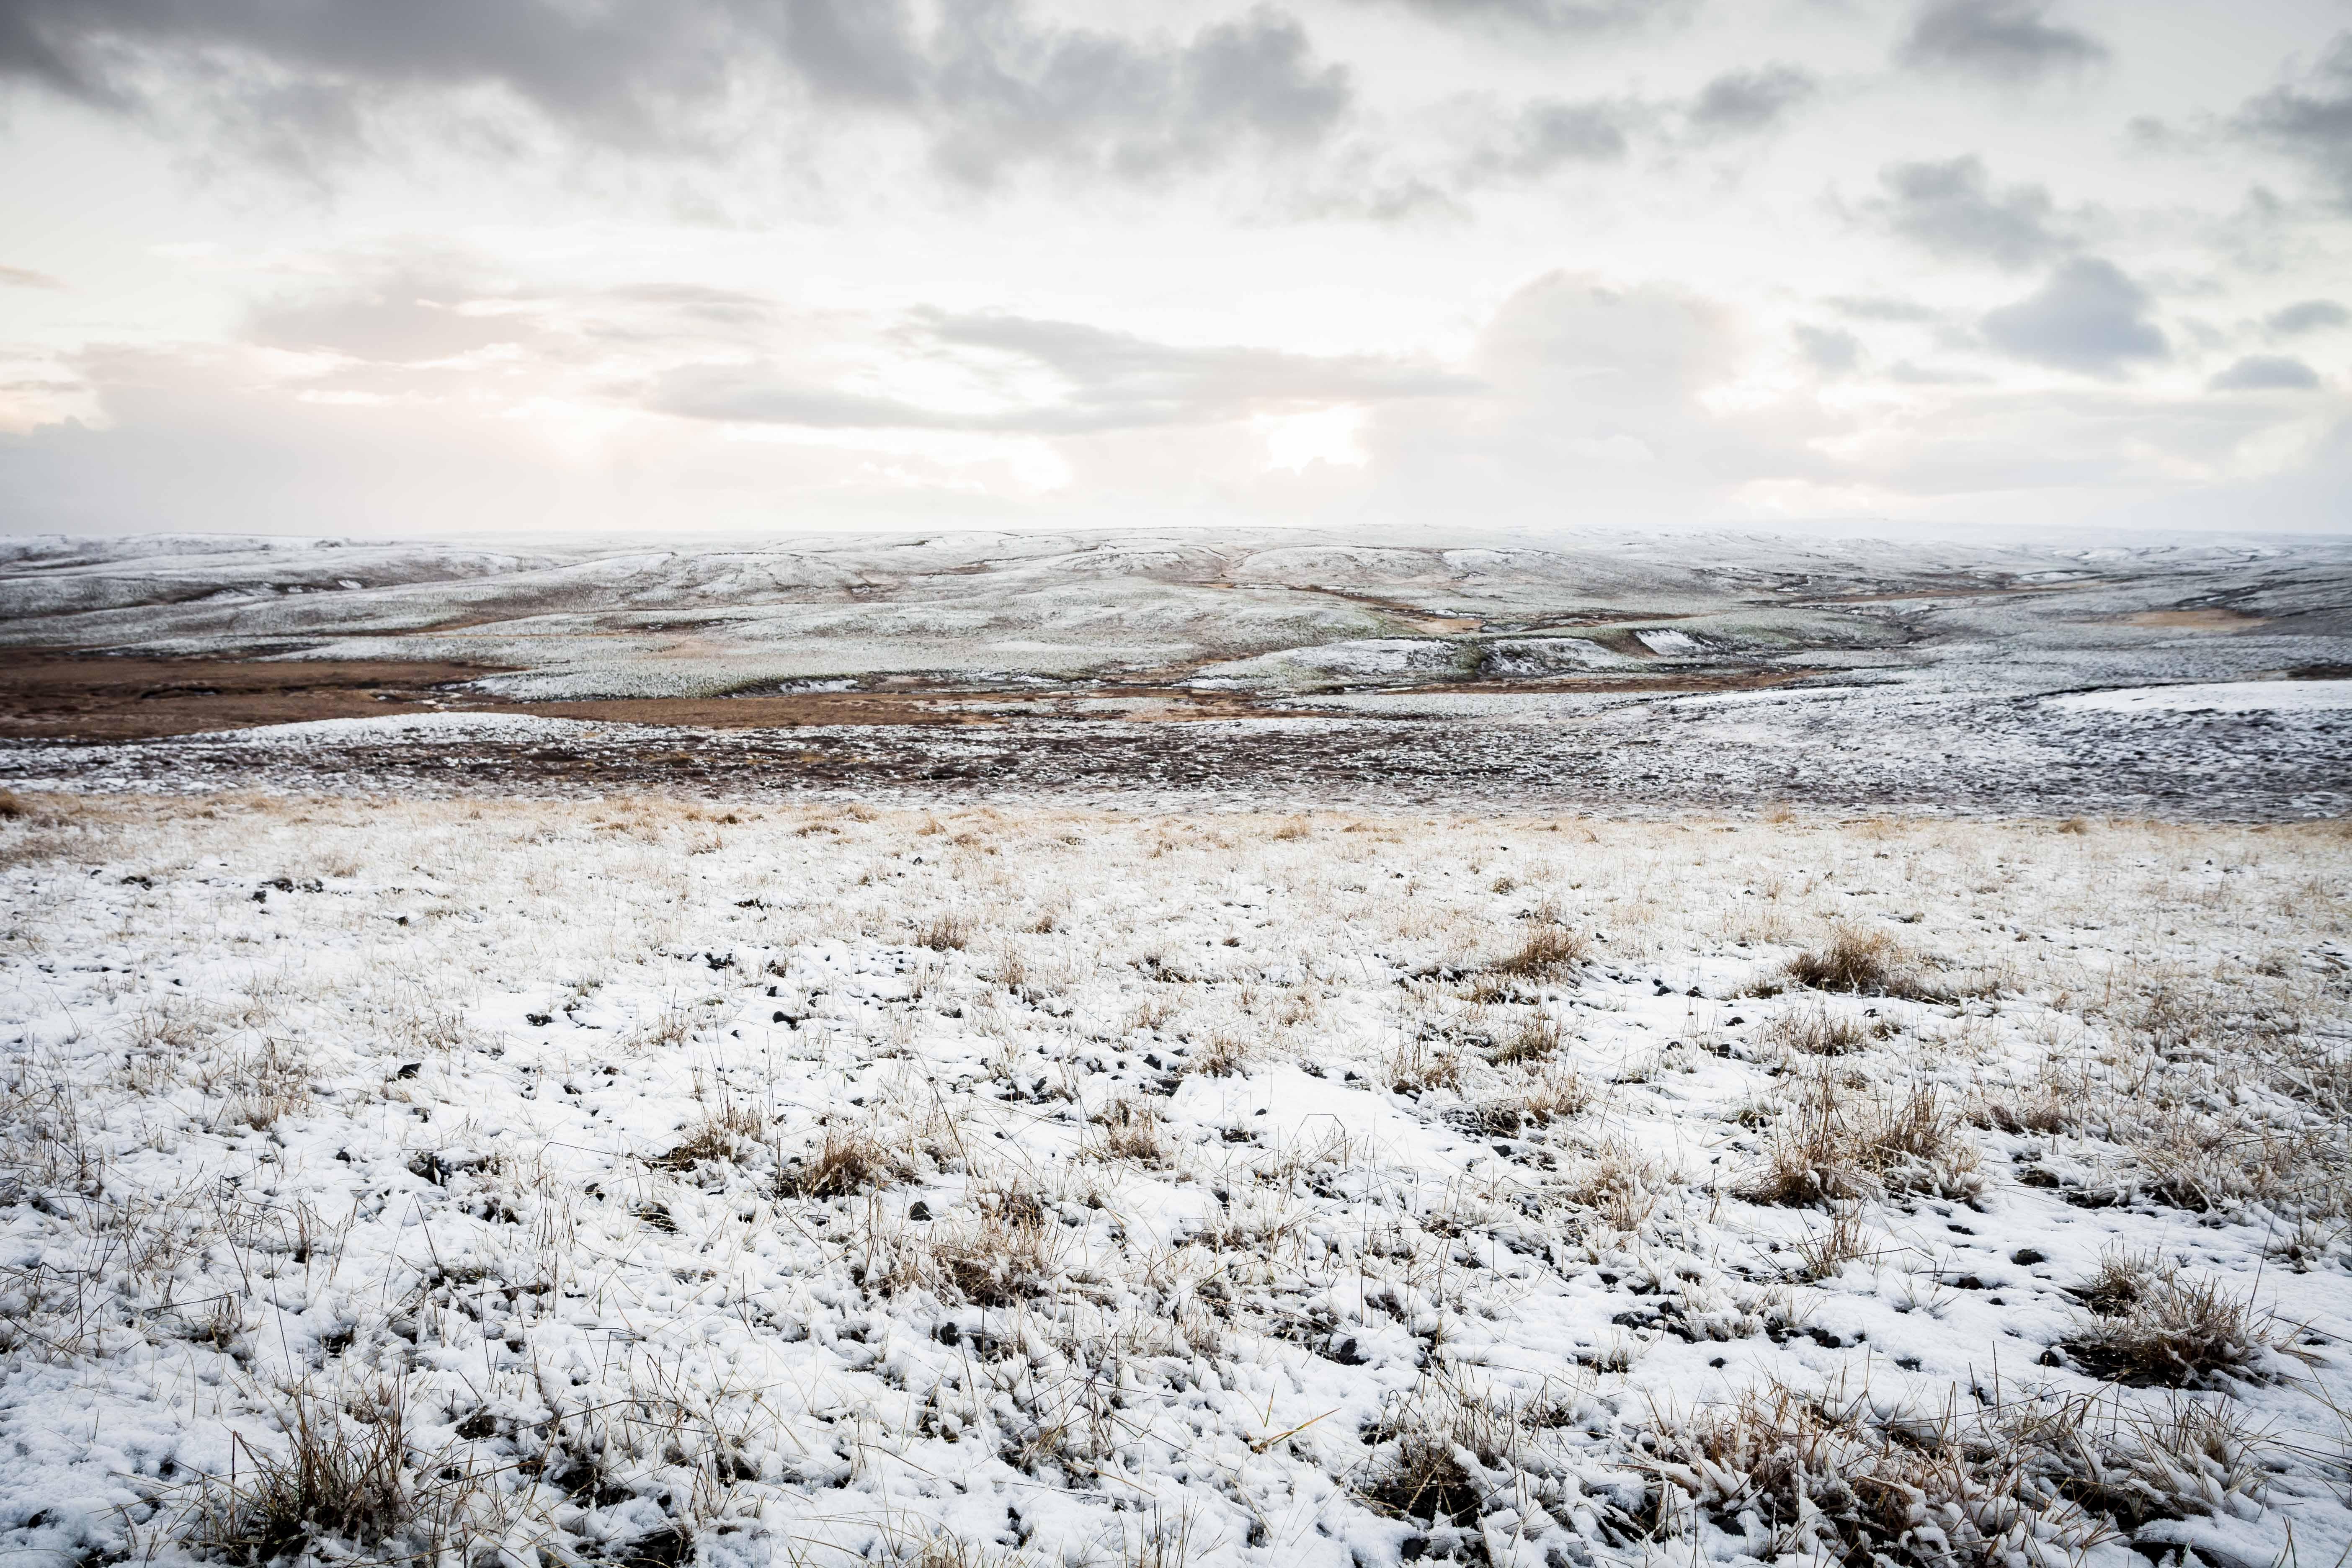 Tundra. Iceland, 2016.